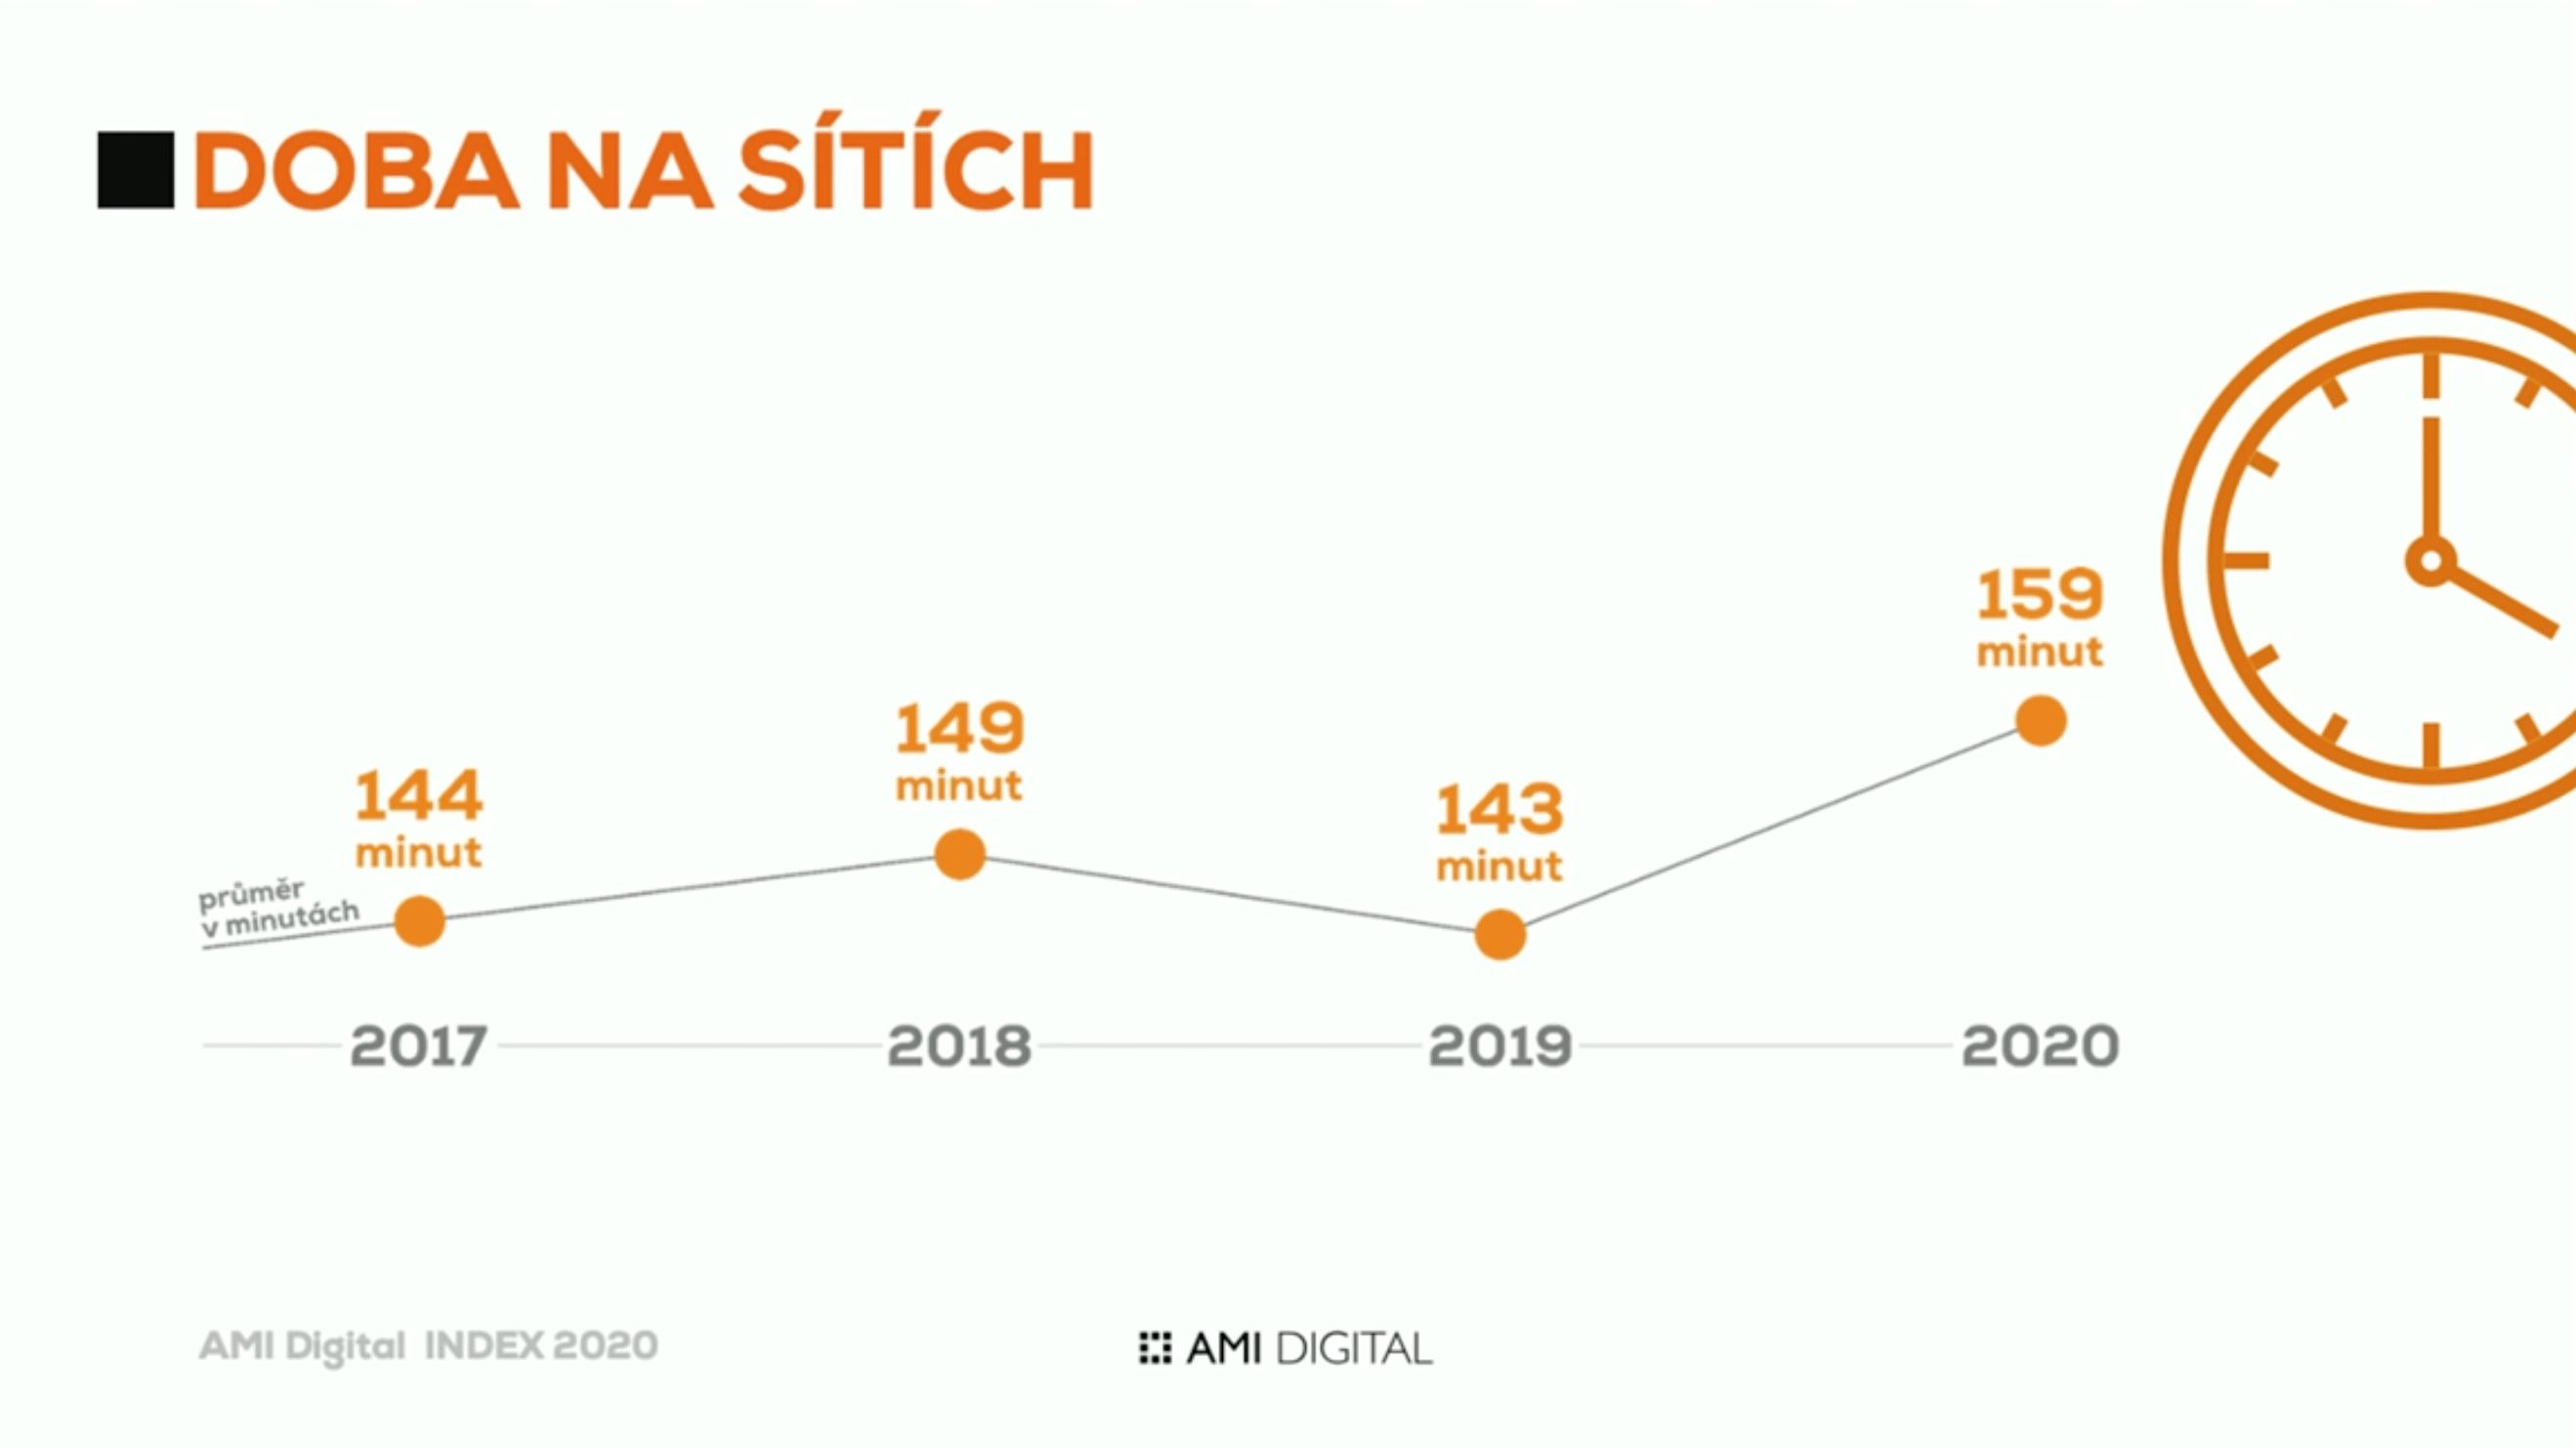 AMI Digital Index 2020: doba strávená na sociálních sítích